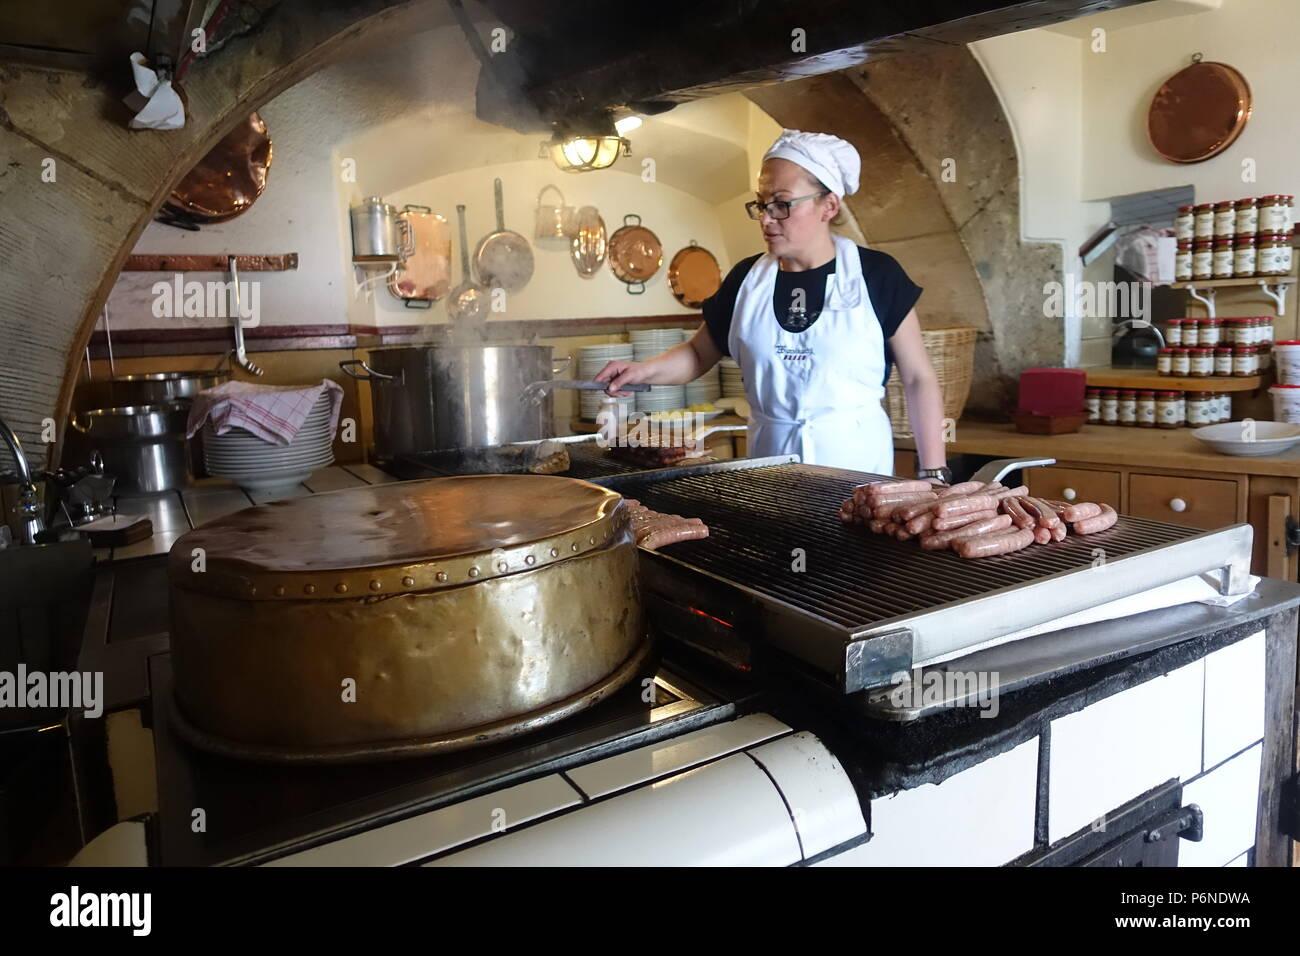 Vecchia Cucina Salsiccia a Regensburg, Germania Foto ...